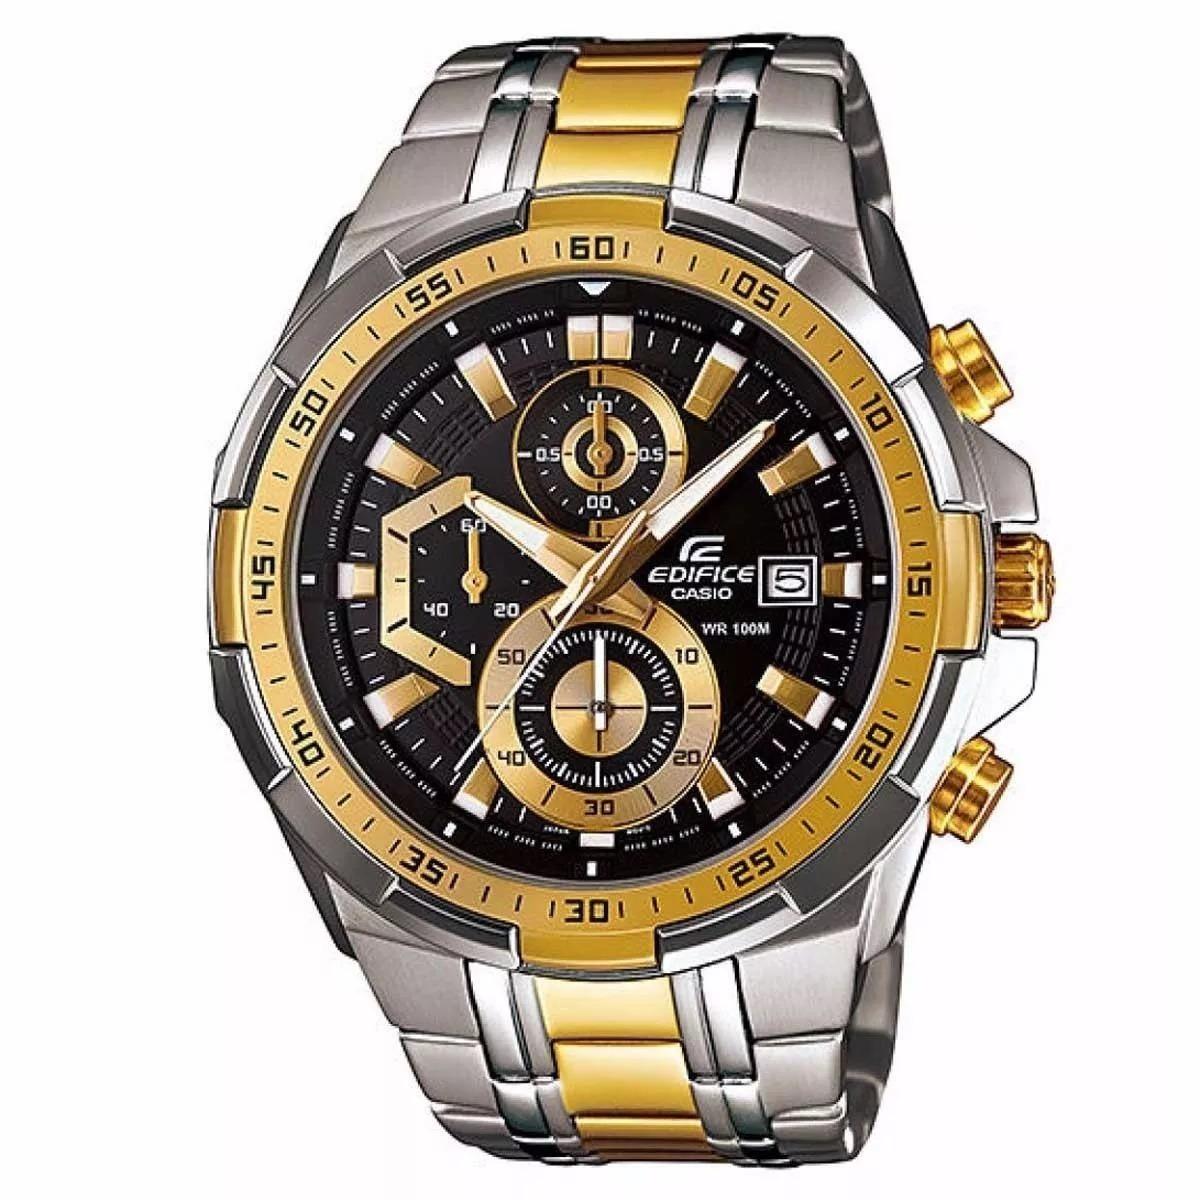 25403632f1f Relógio Casio Masculino Edifice Ef539 Misto F Preto S Caixa - R  239 ...